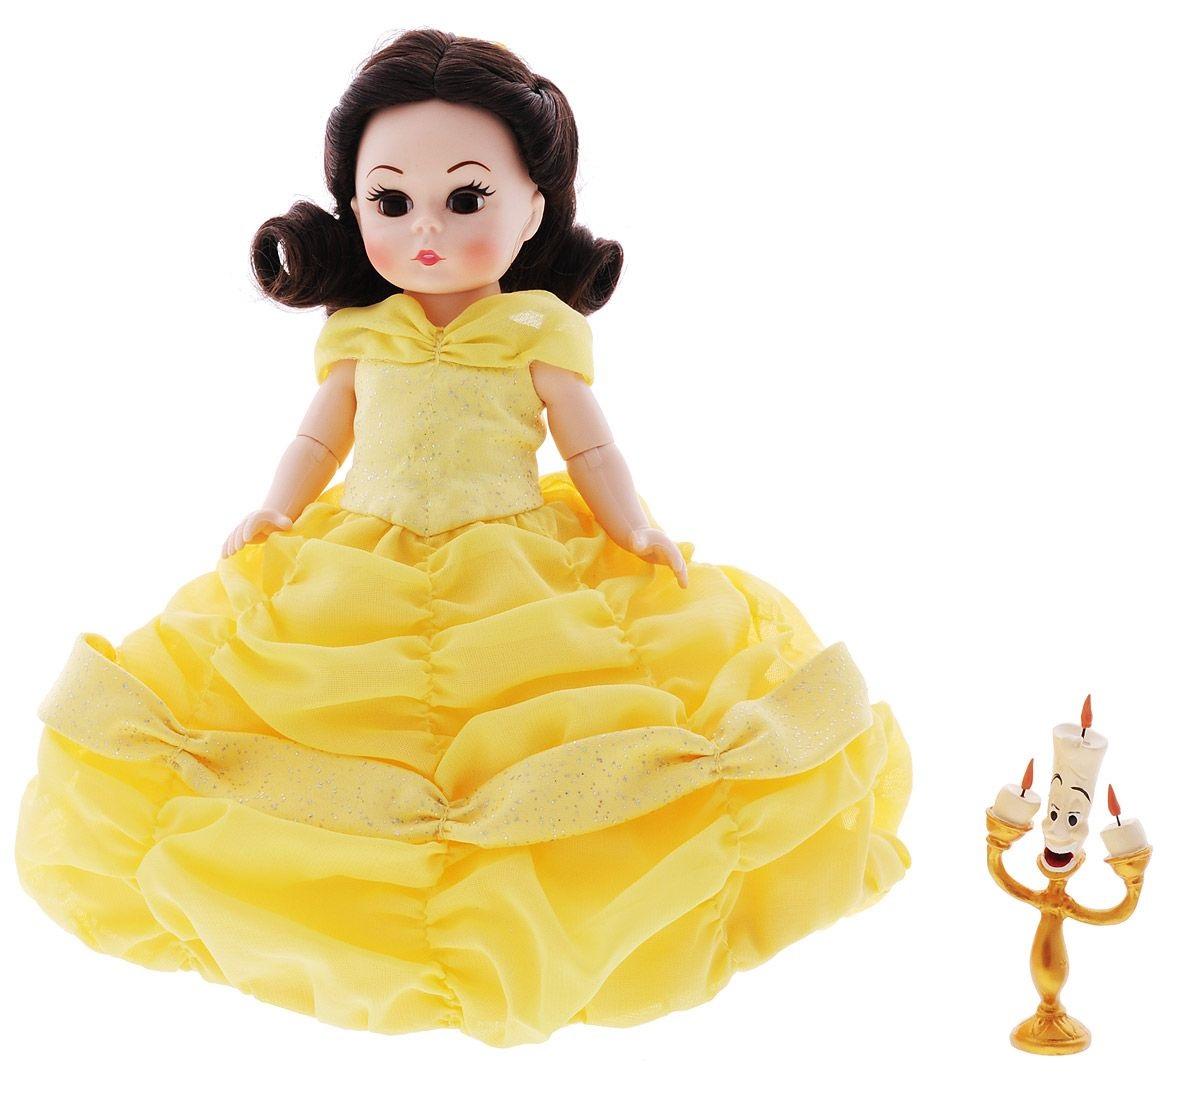 Кукла Белль, 20 см. BelleКоллекционные куклы<br>Кукла Белль, 20 см. Belle<br>